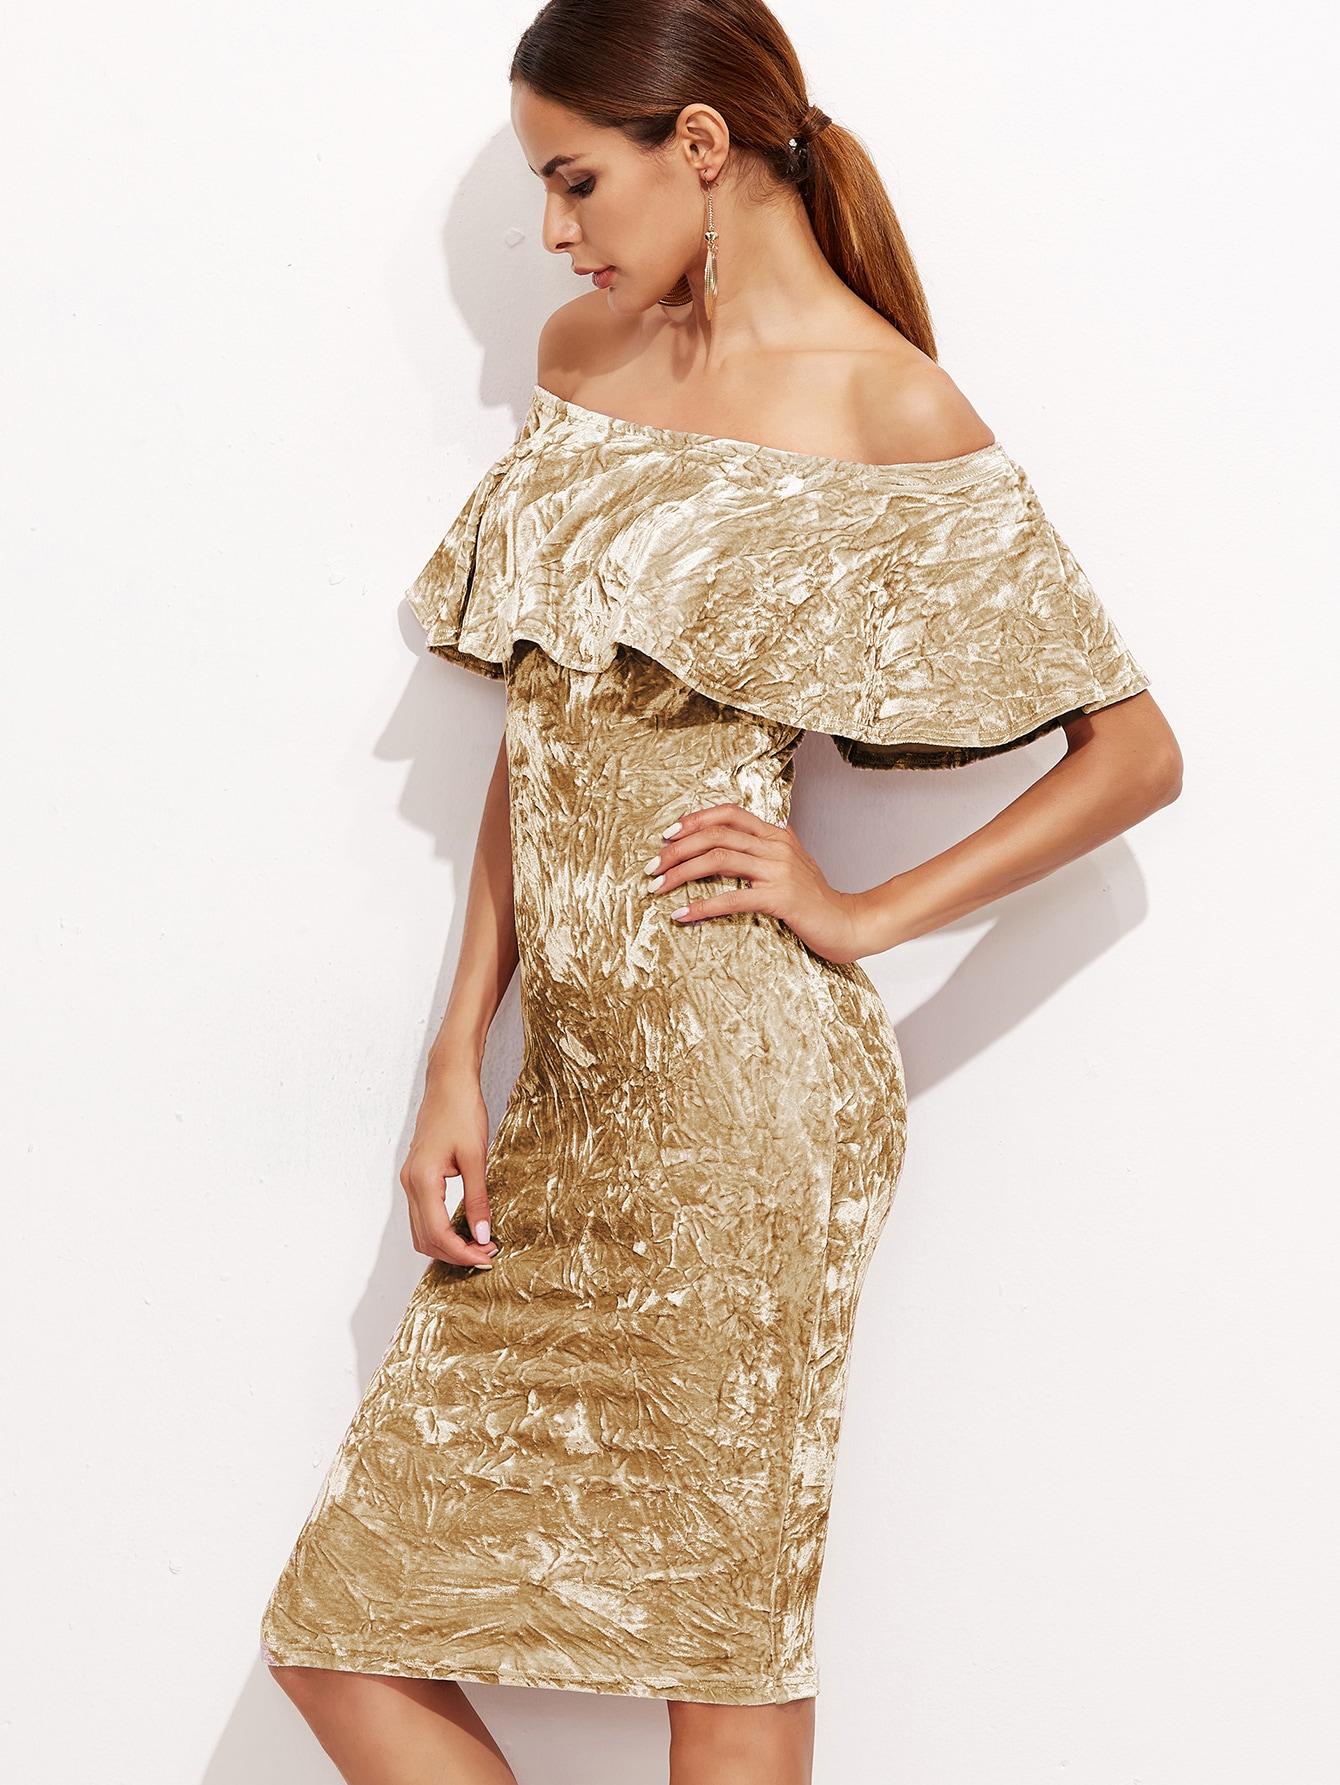 dress161130703_1